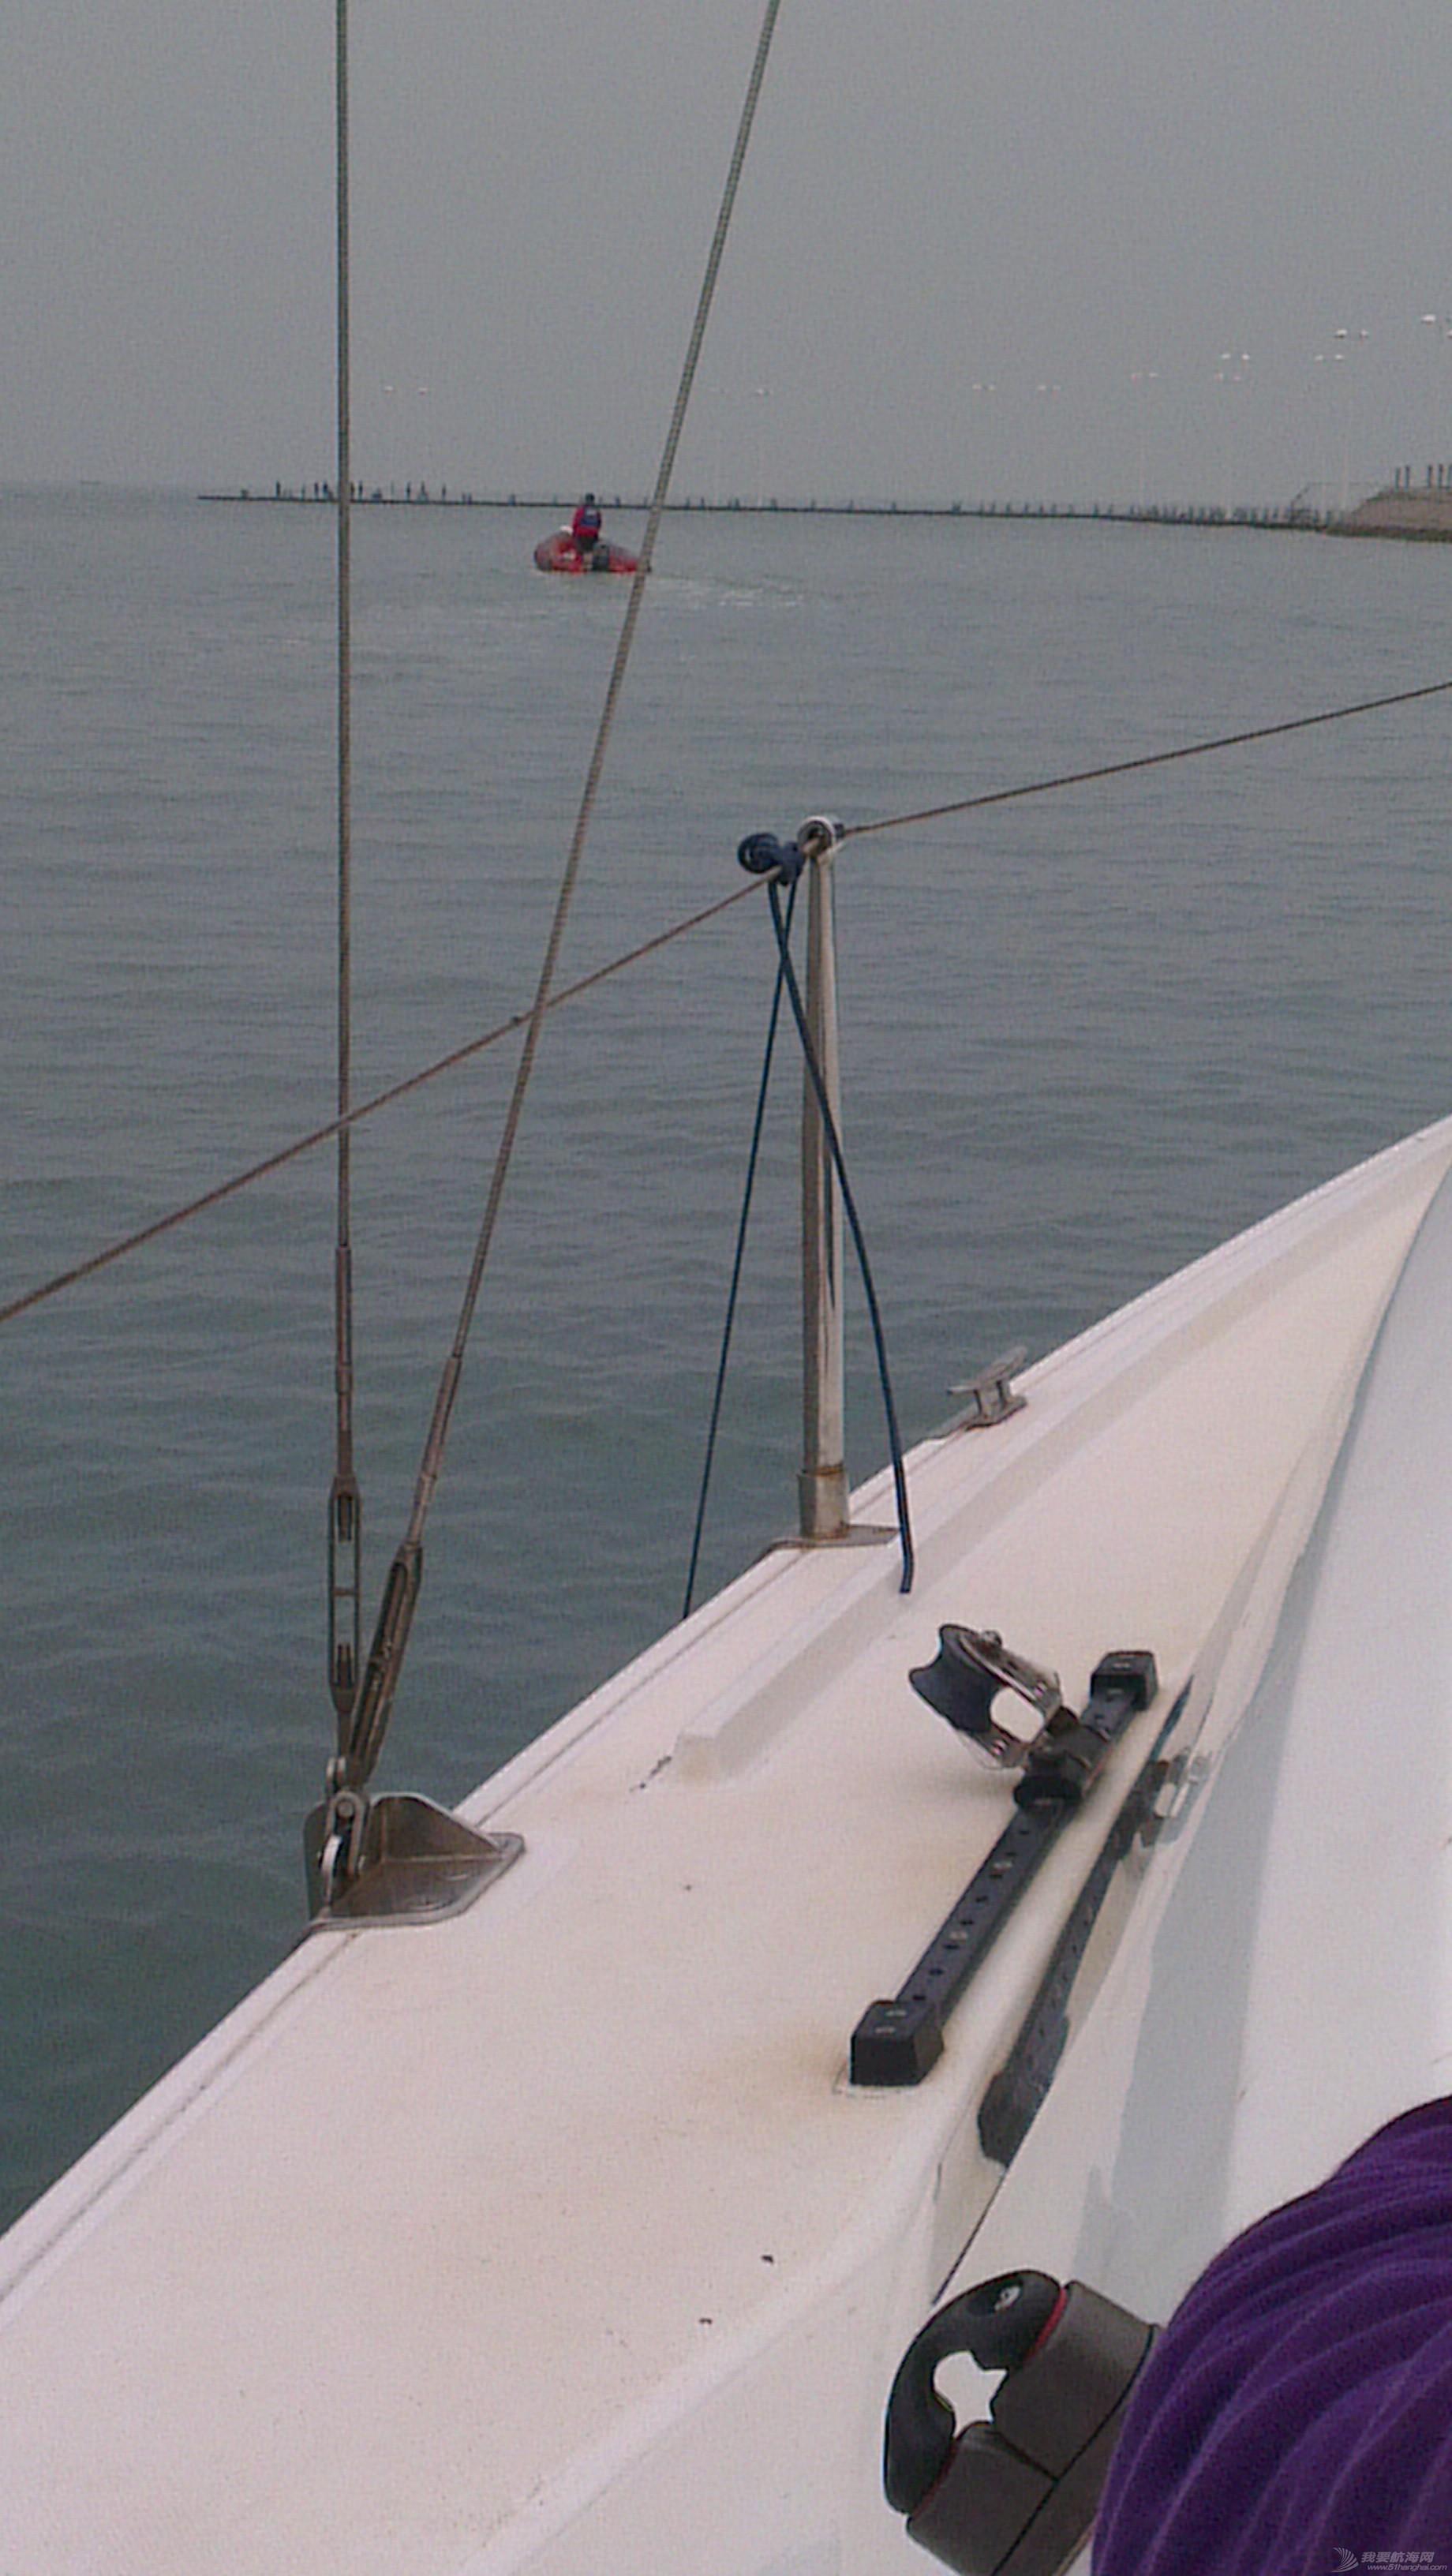 航海公益____帆船学习日记 IMAG1351.jpg